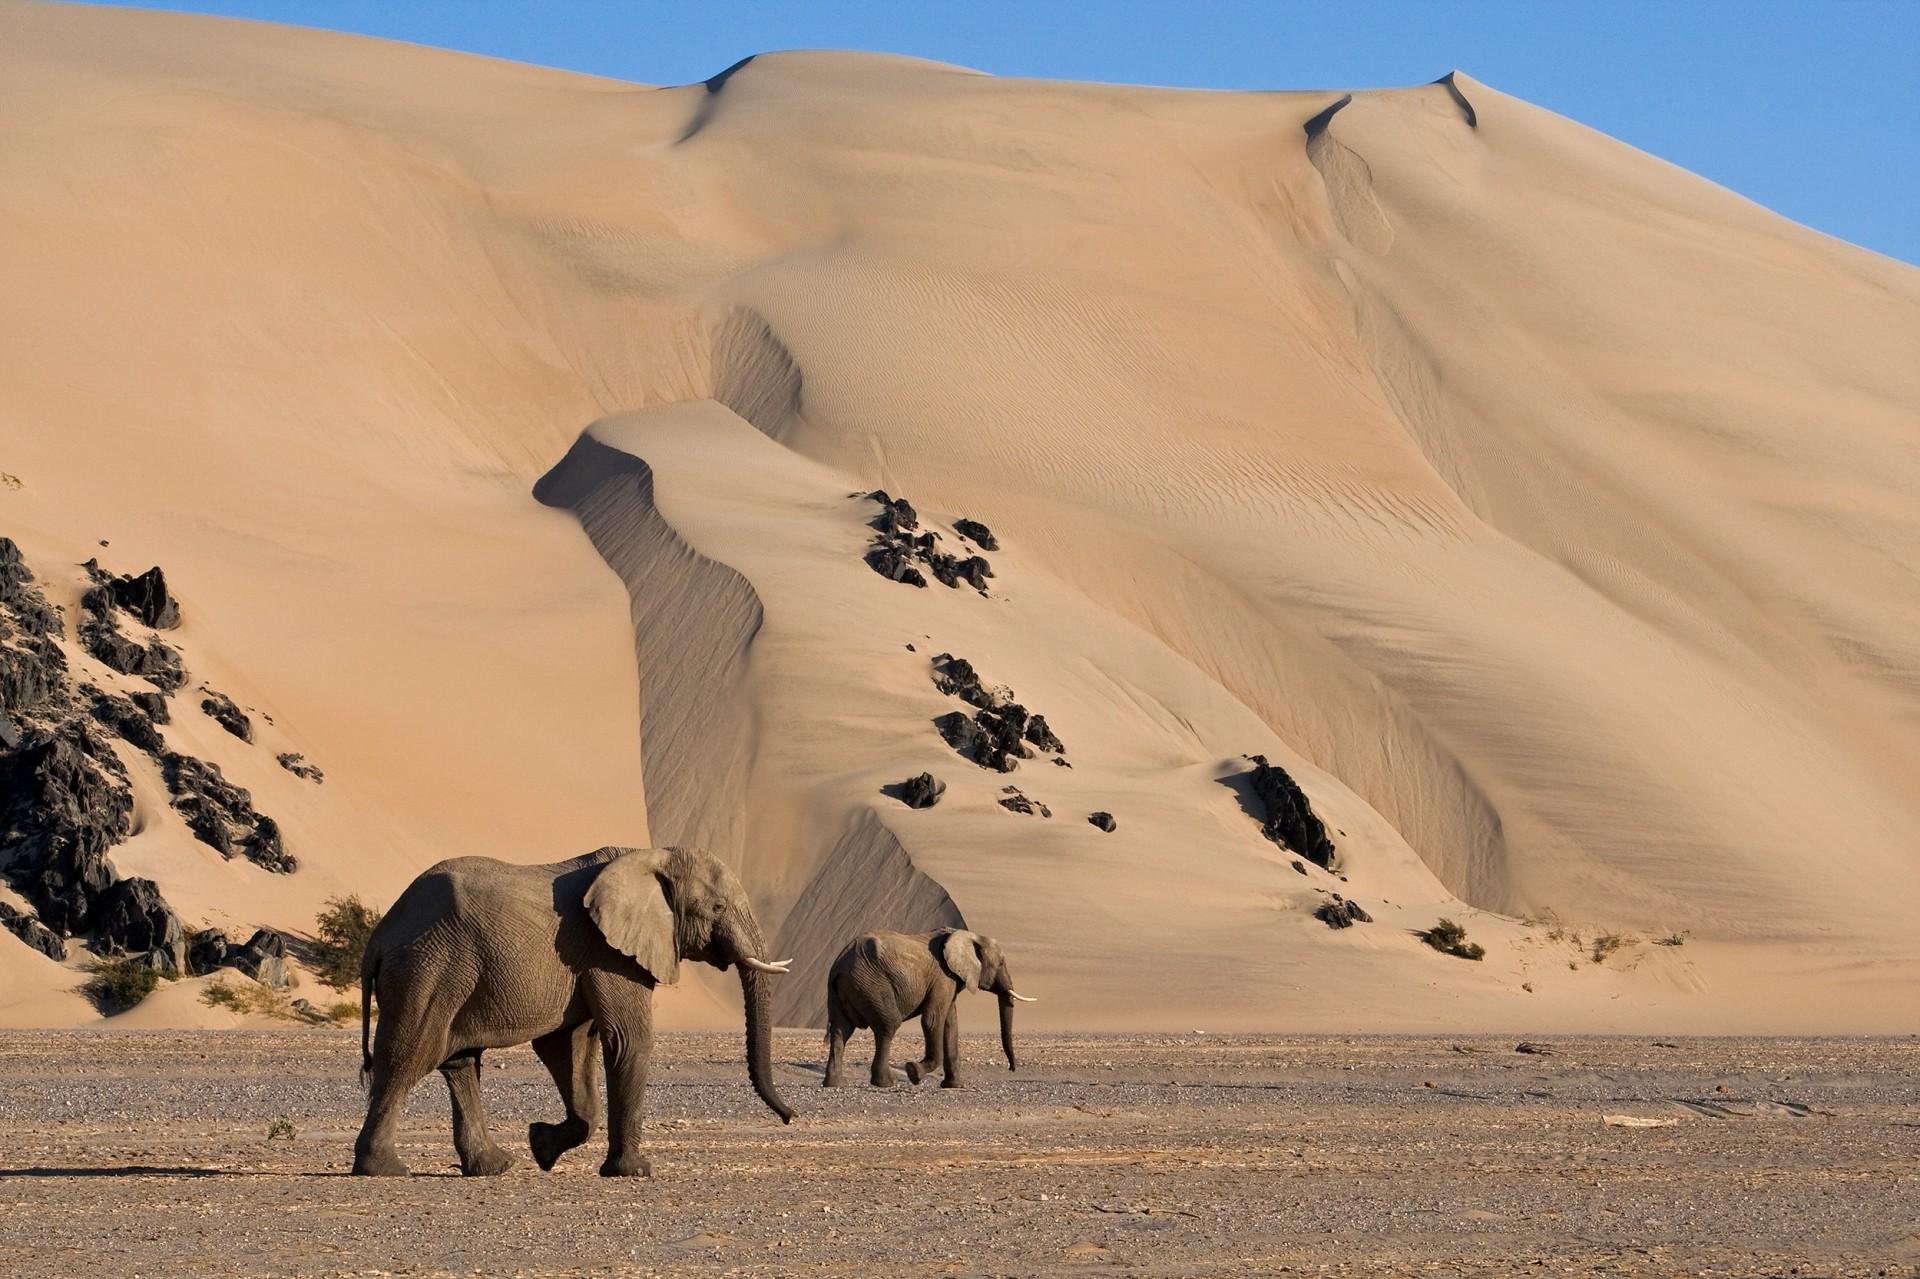 Fotosafari Namibia mit CANON-Ambassador Thorsten Milse - Canon Academy